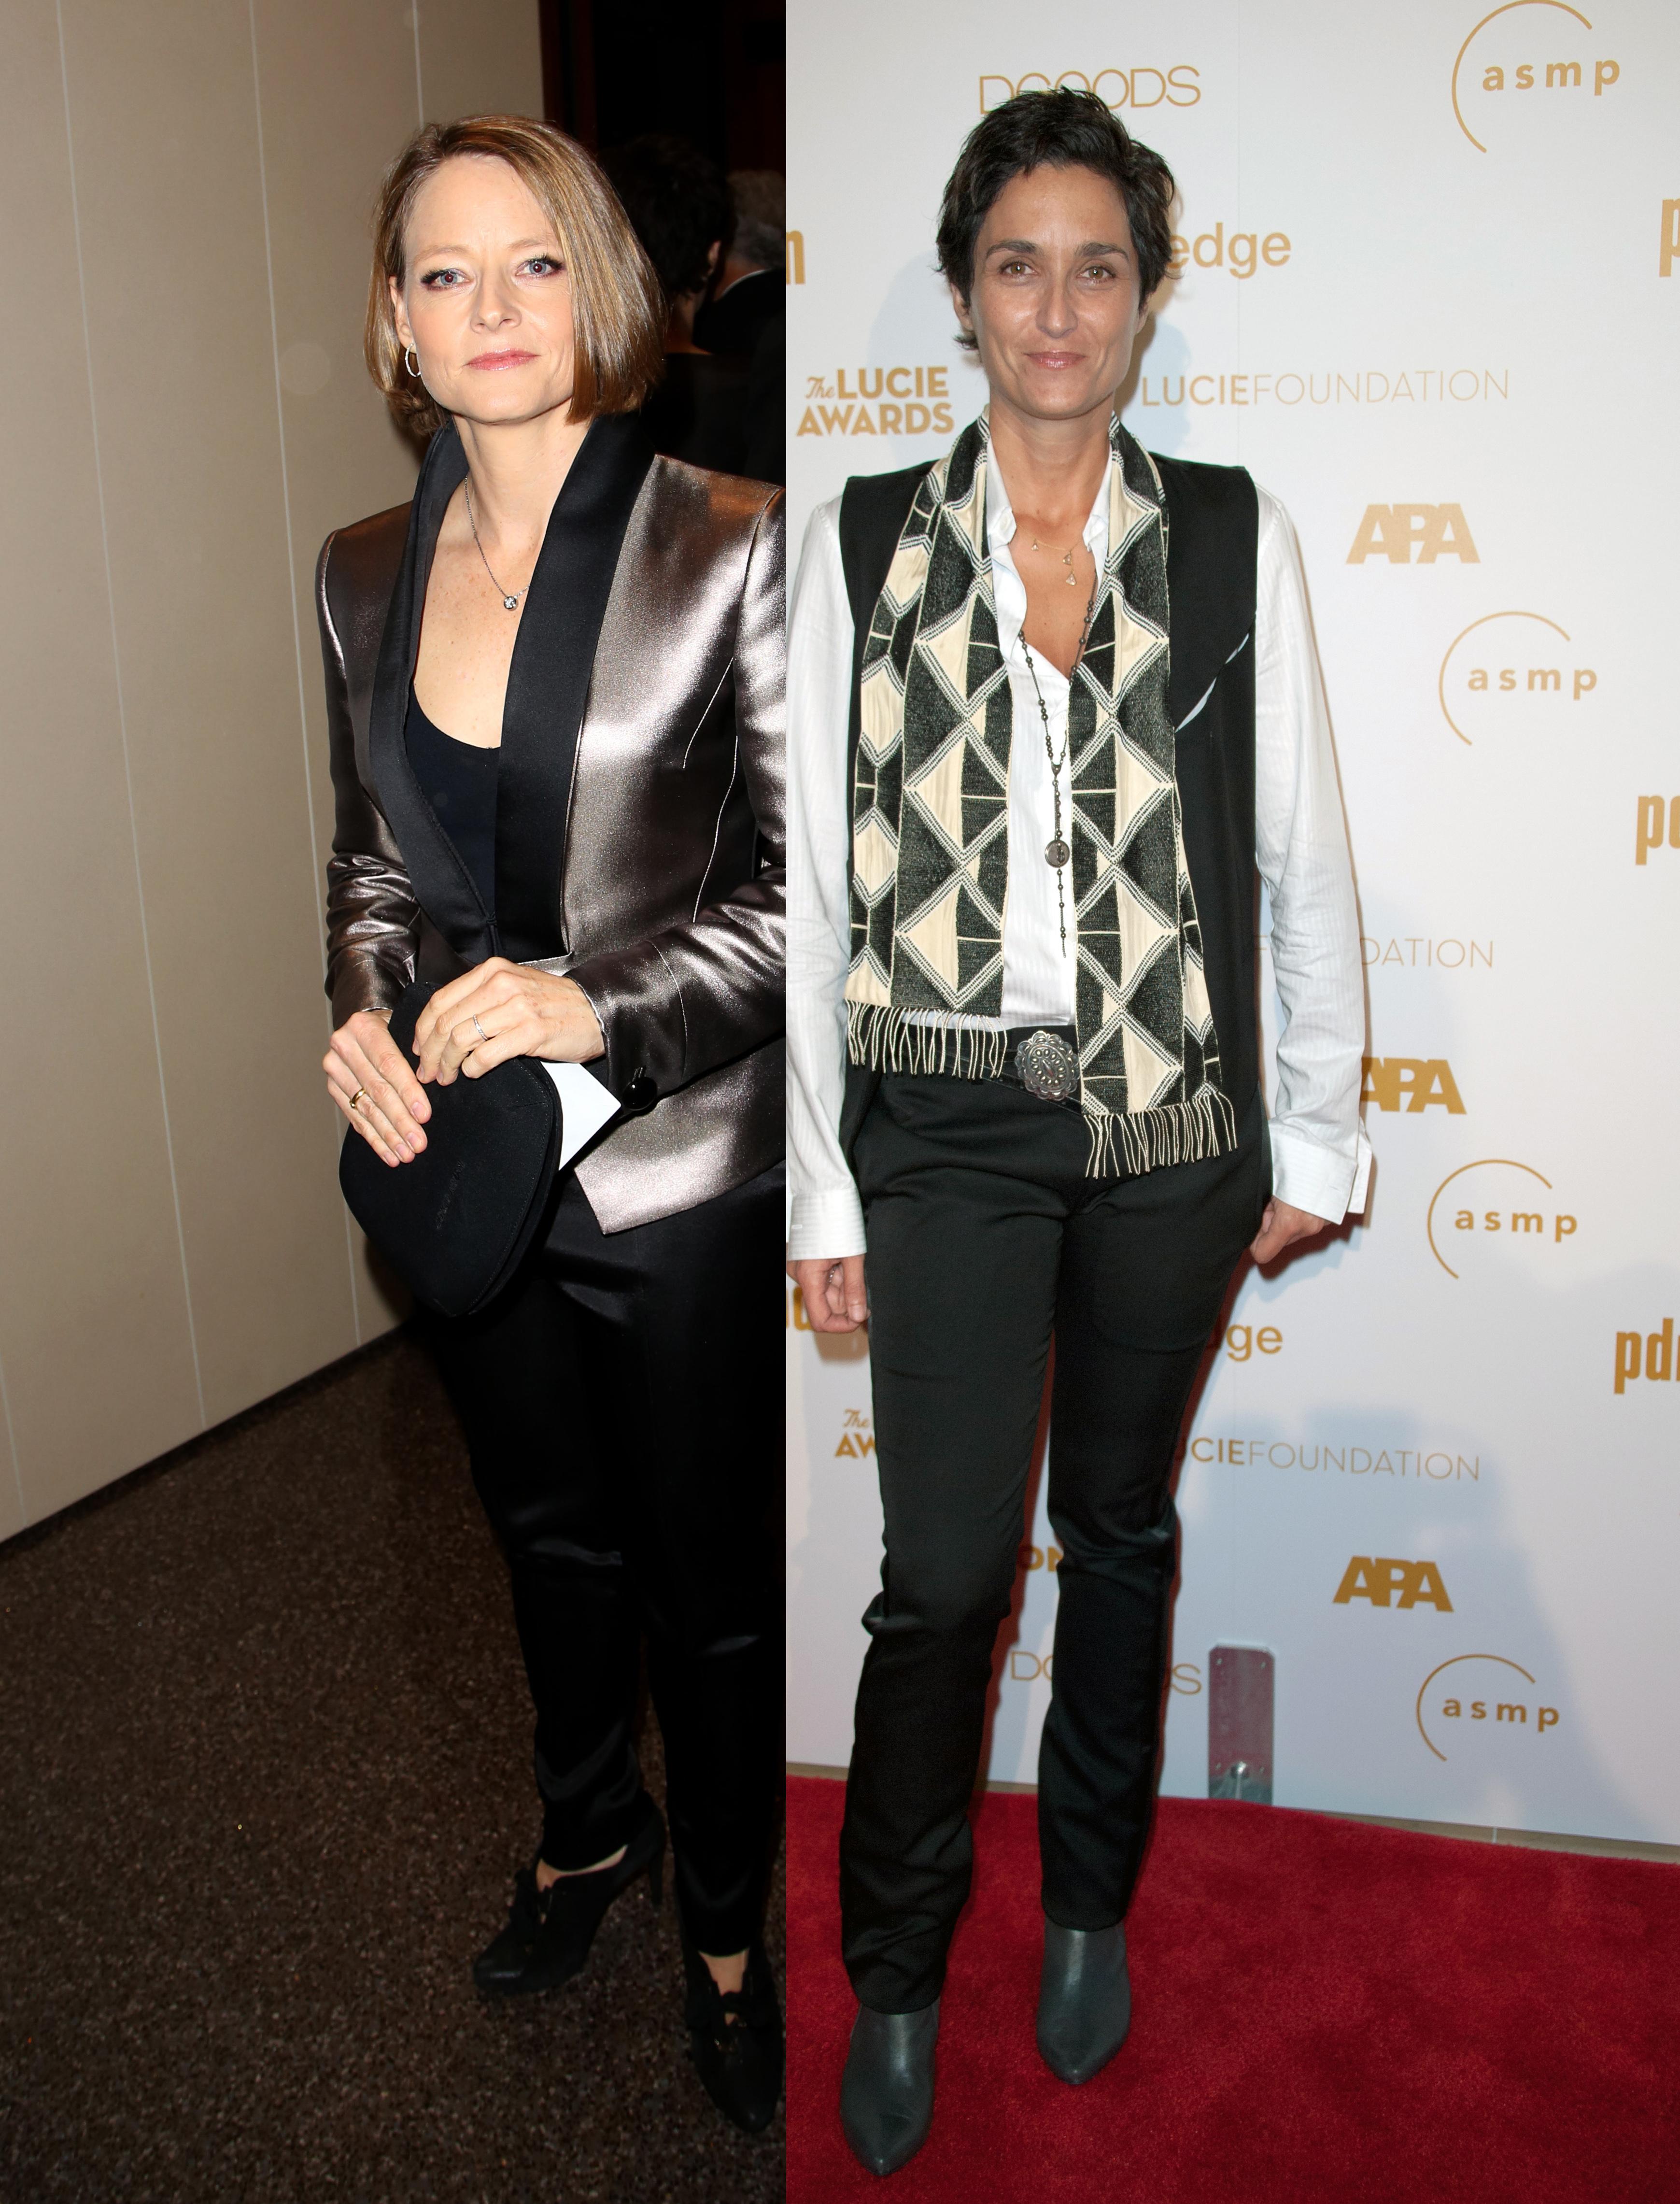 Jodie Foster marries girlfriend